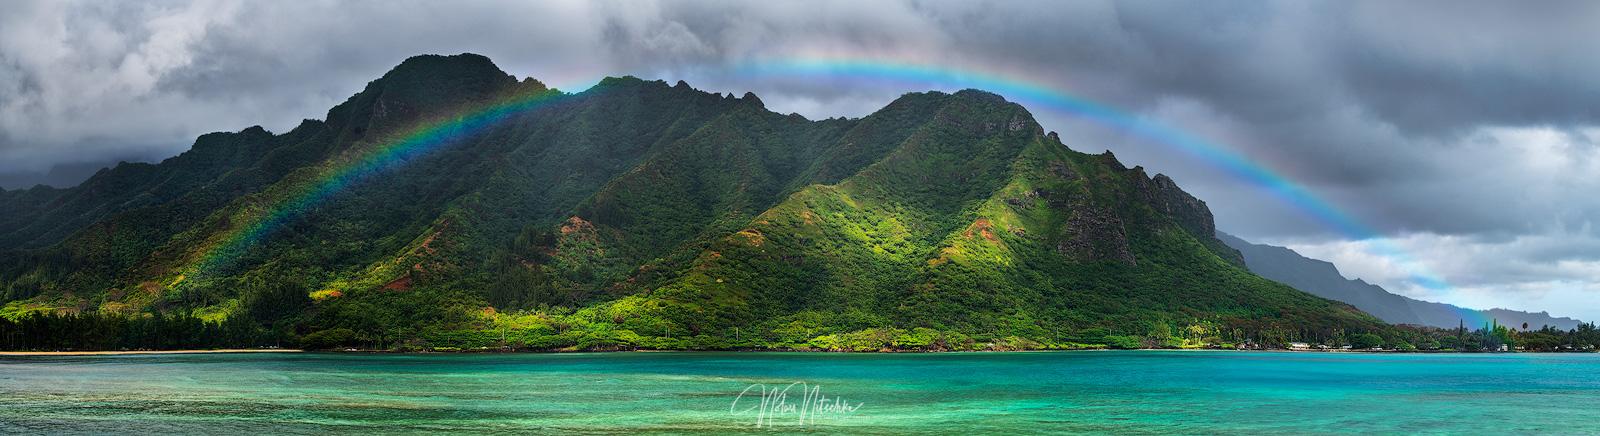 A full rainbow over Kahana Bay.